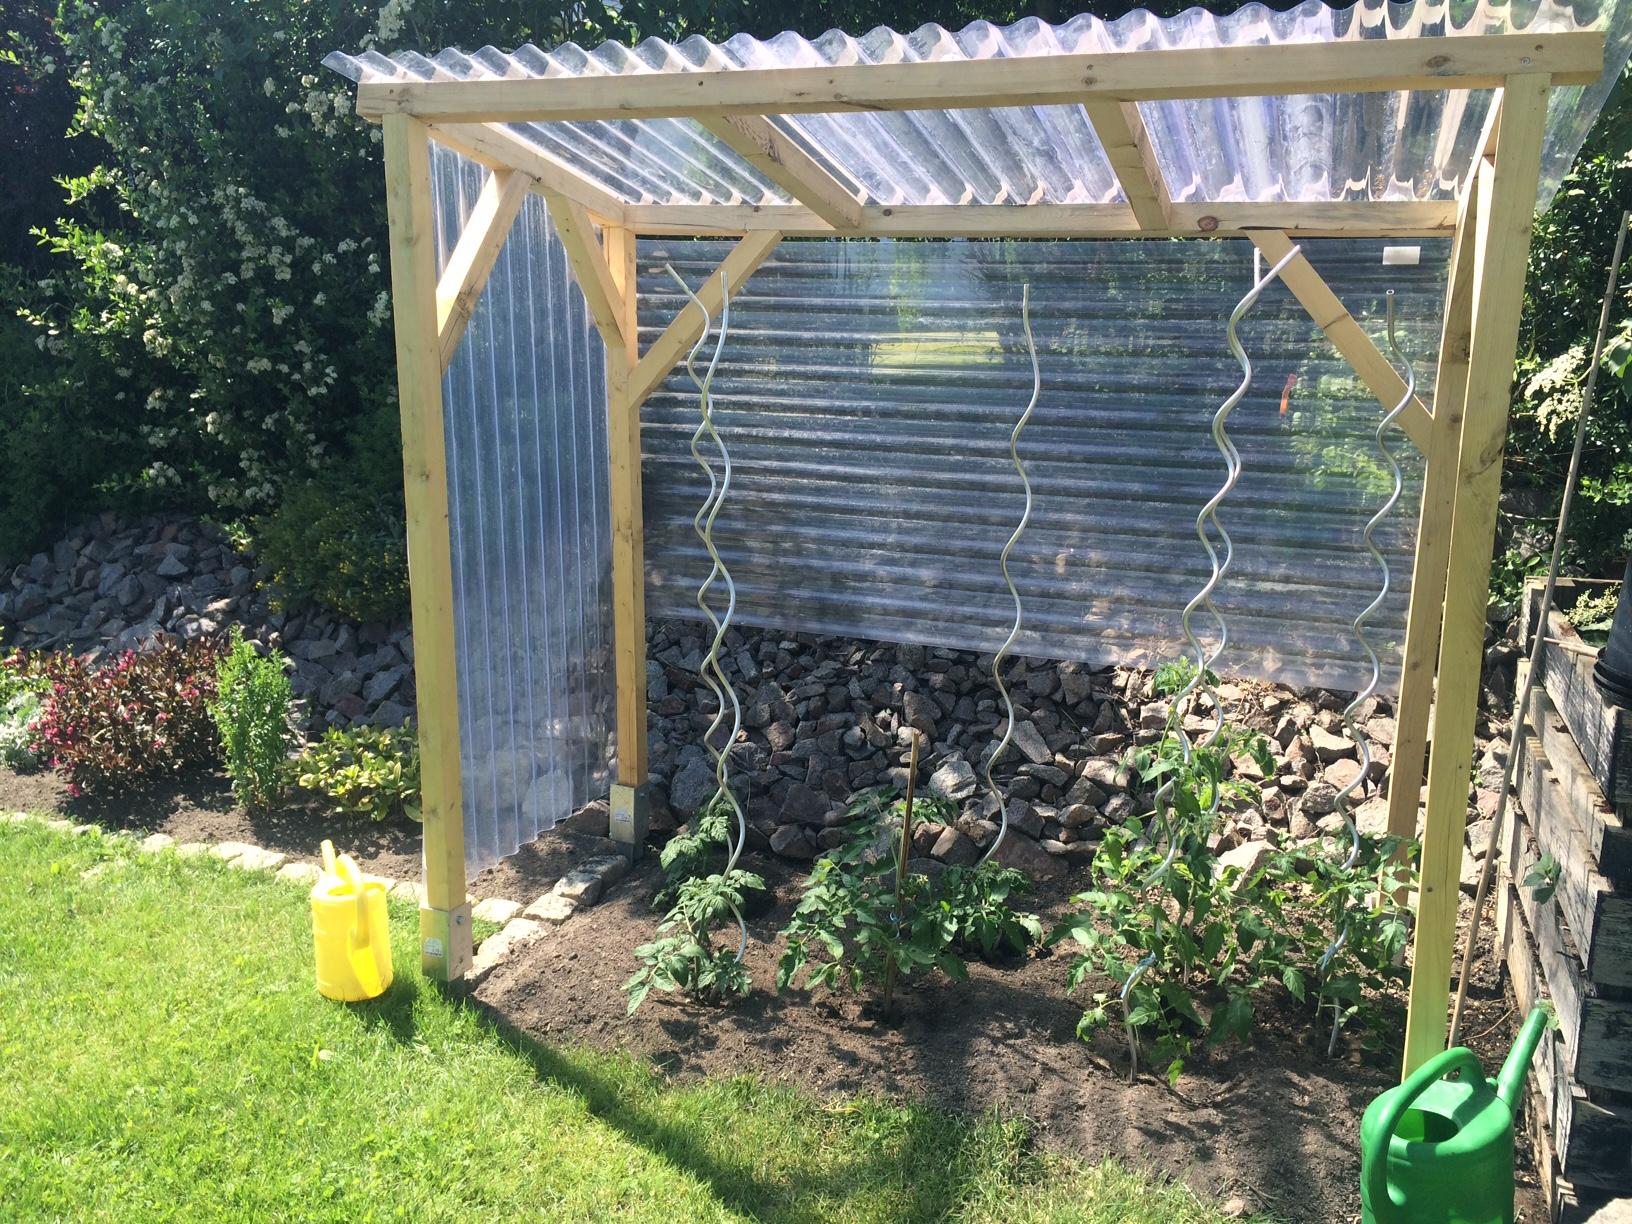 tomatenhaus selber bauen – unser beispiel und bauanleitung